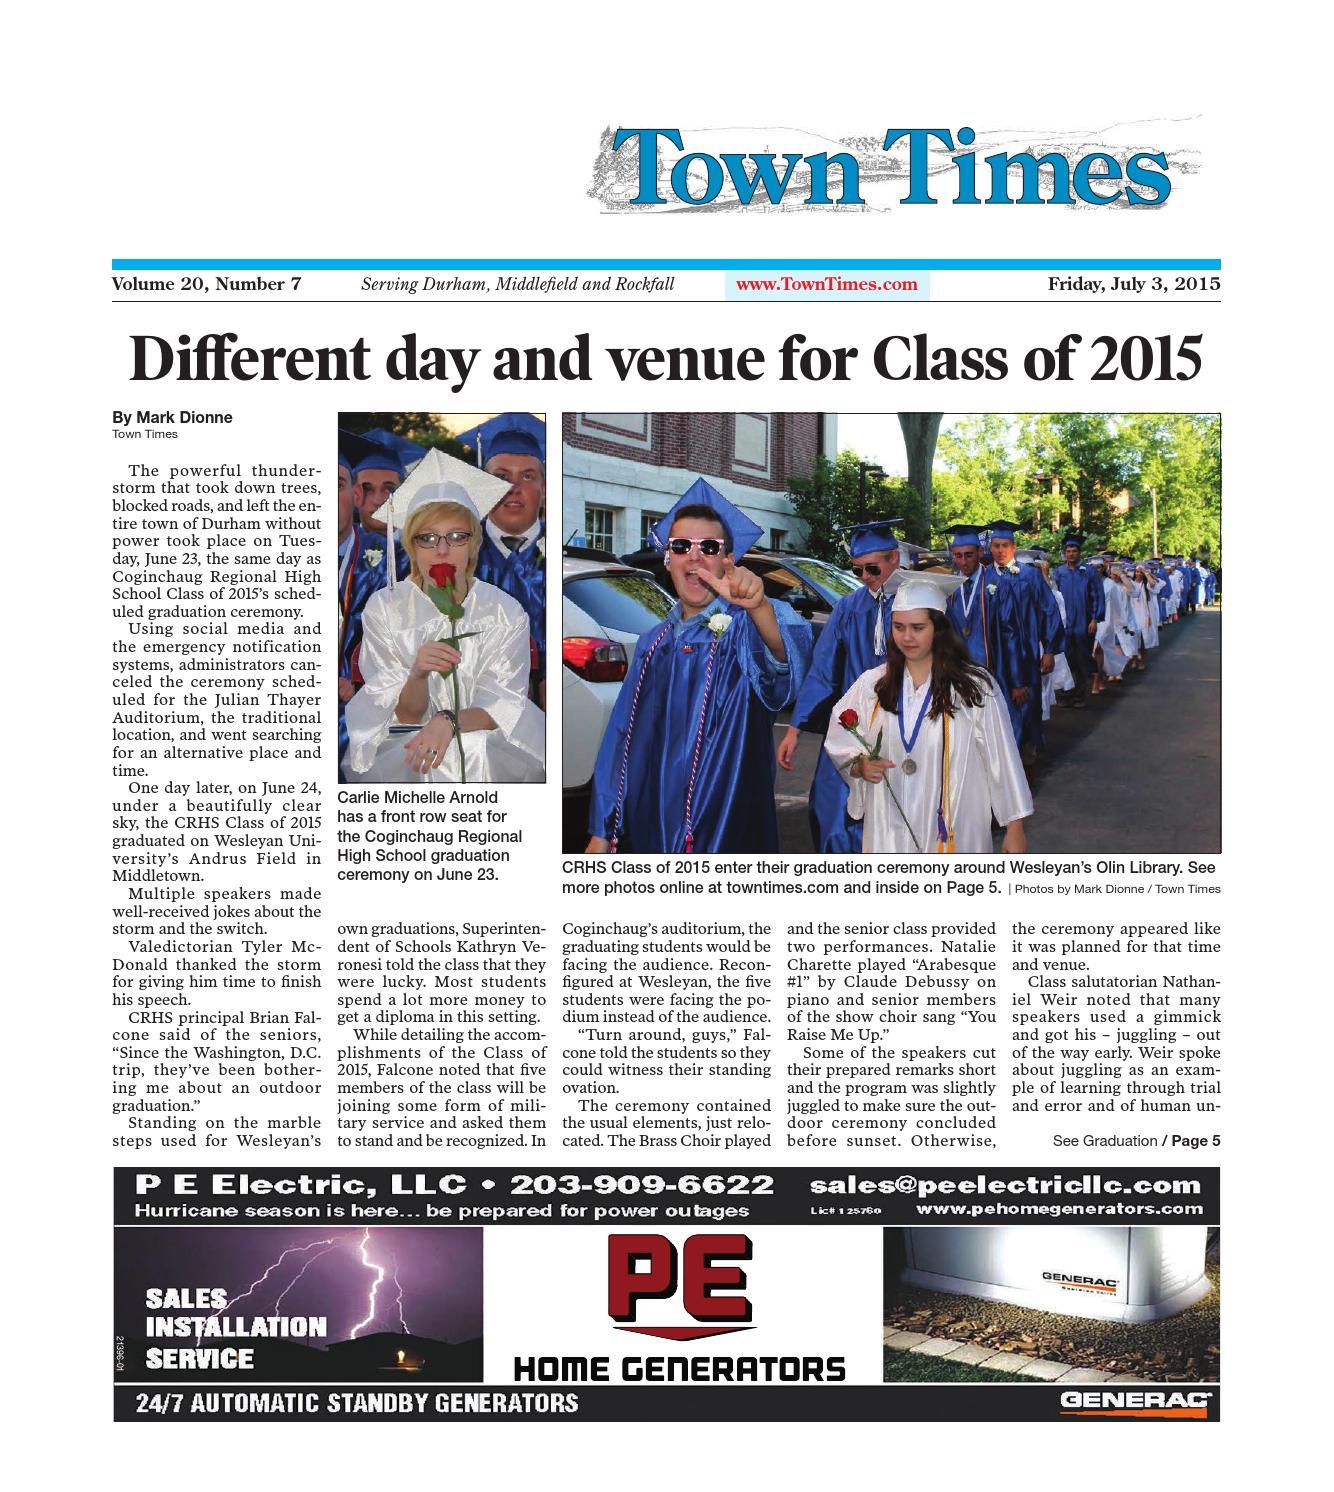 8a4b721f9 Ttimesjuly3 by Town Times Newspaper - issuu